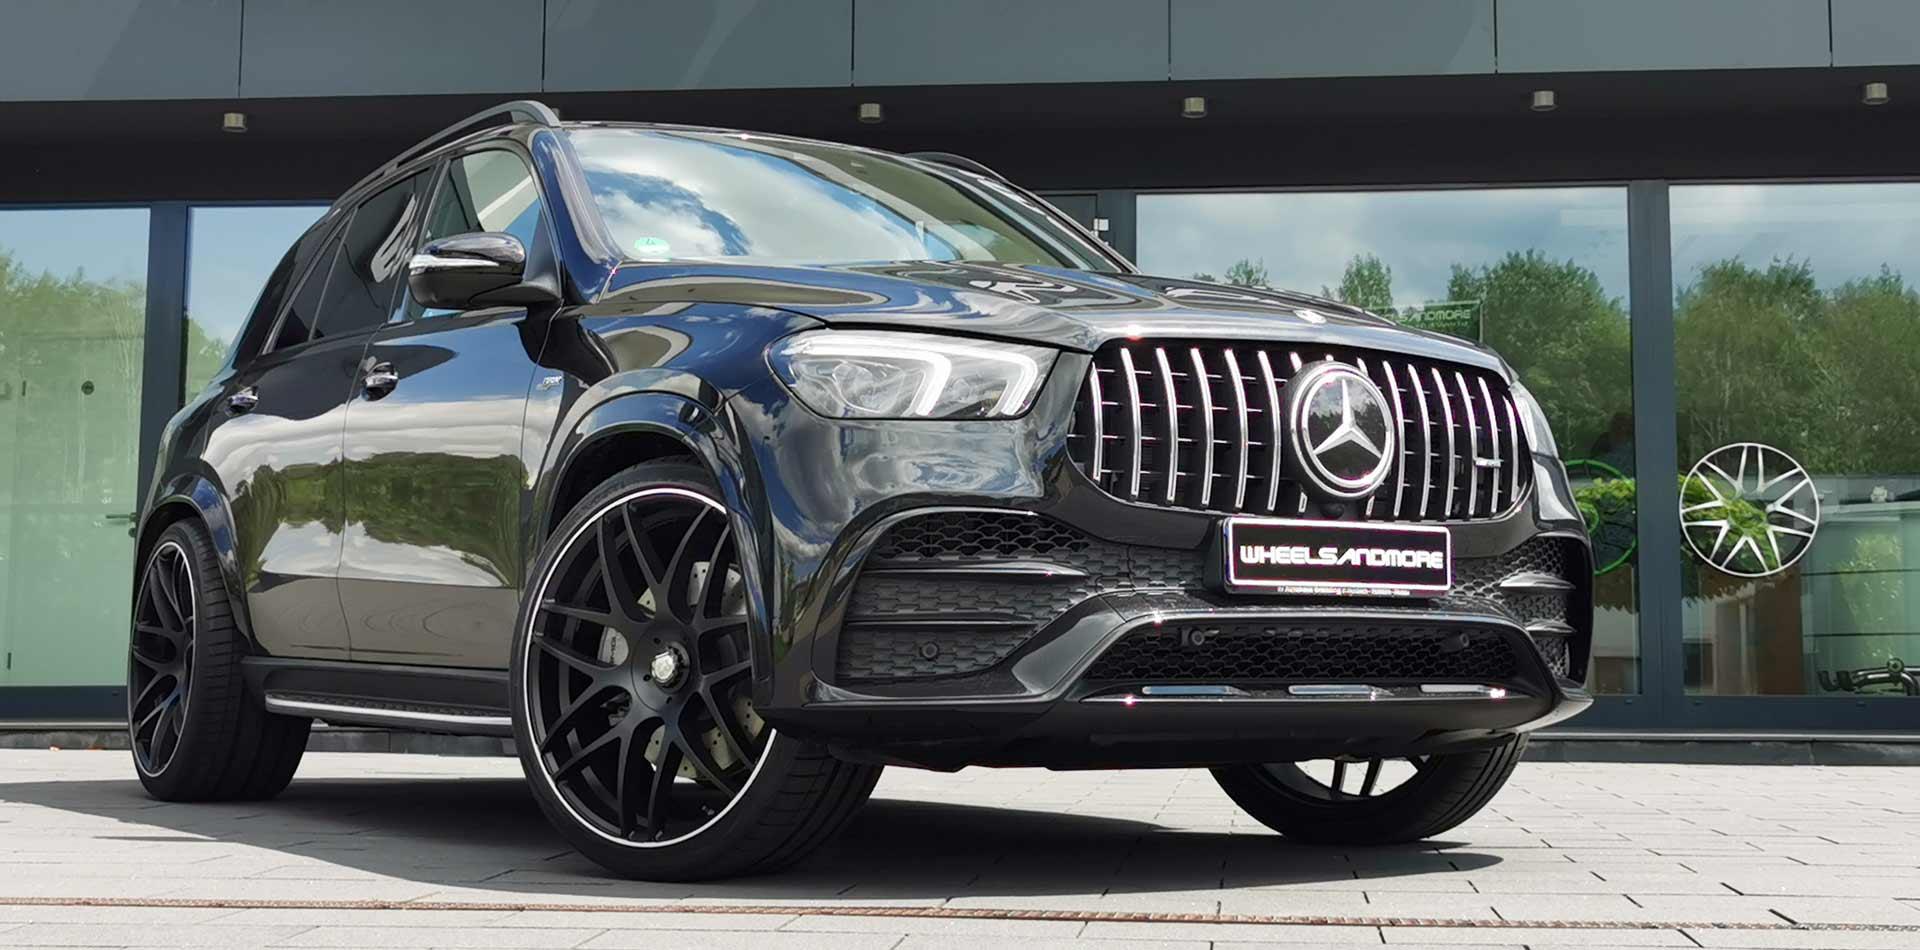 Mercedes GLE53 von Wheelsandmore getunt vor Firmengebäude